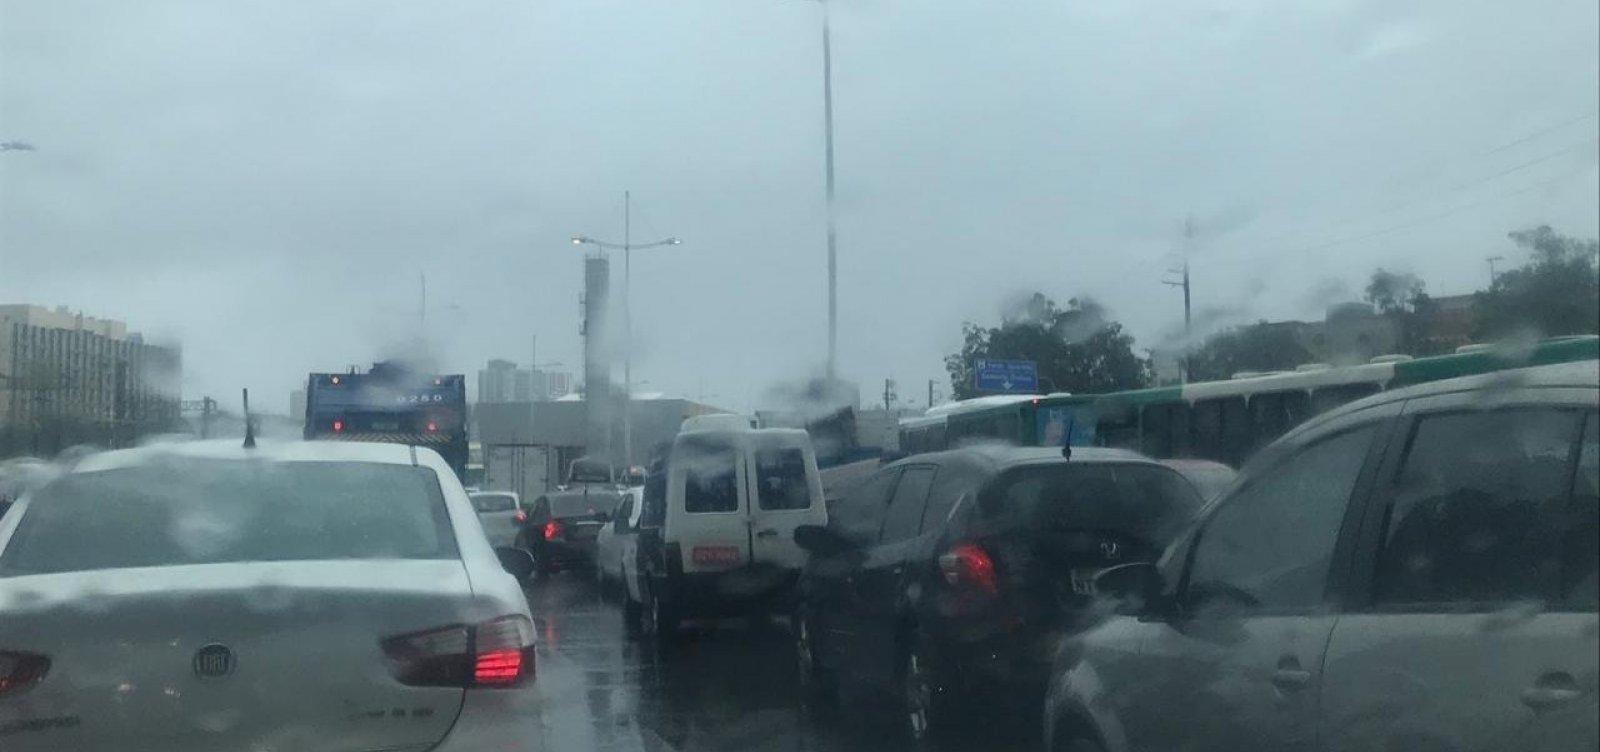 [Prefeitura de Salvador alerta para risco de alagamento nas próximas horas]